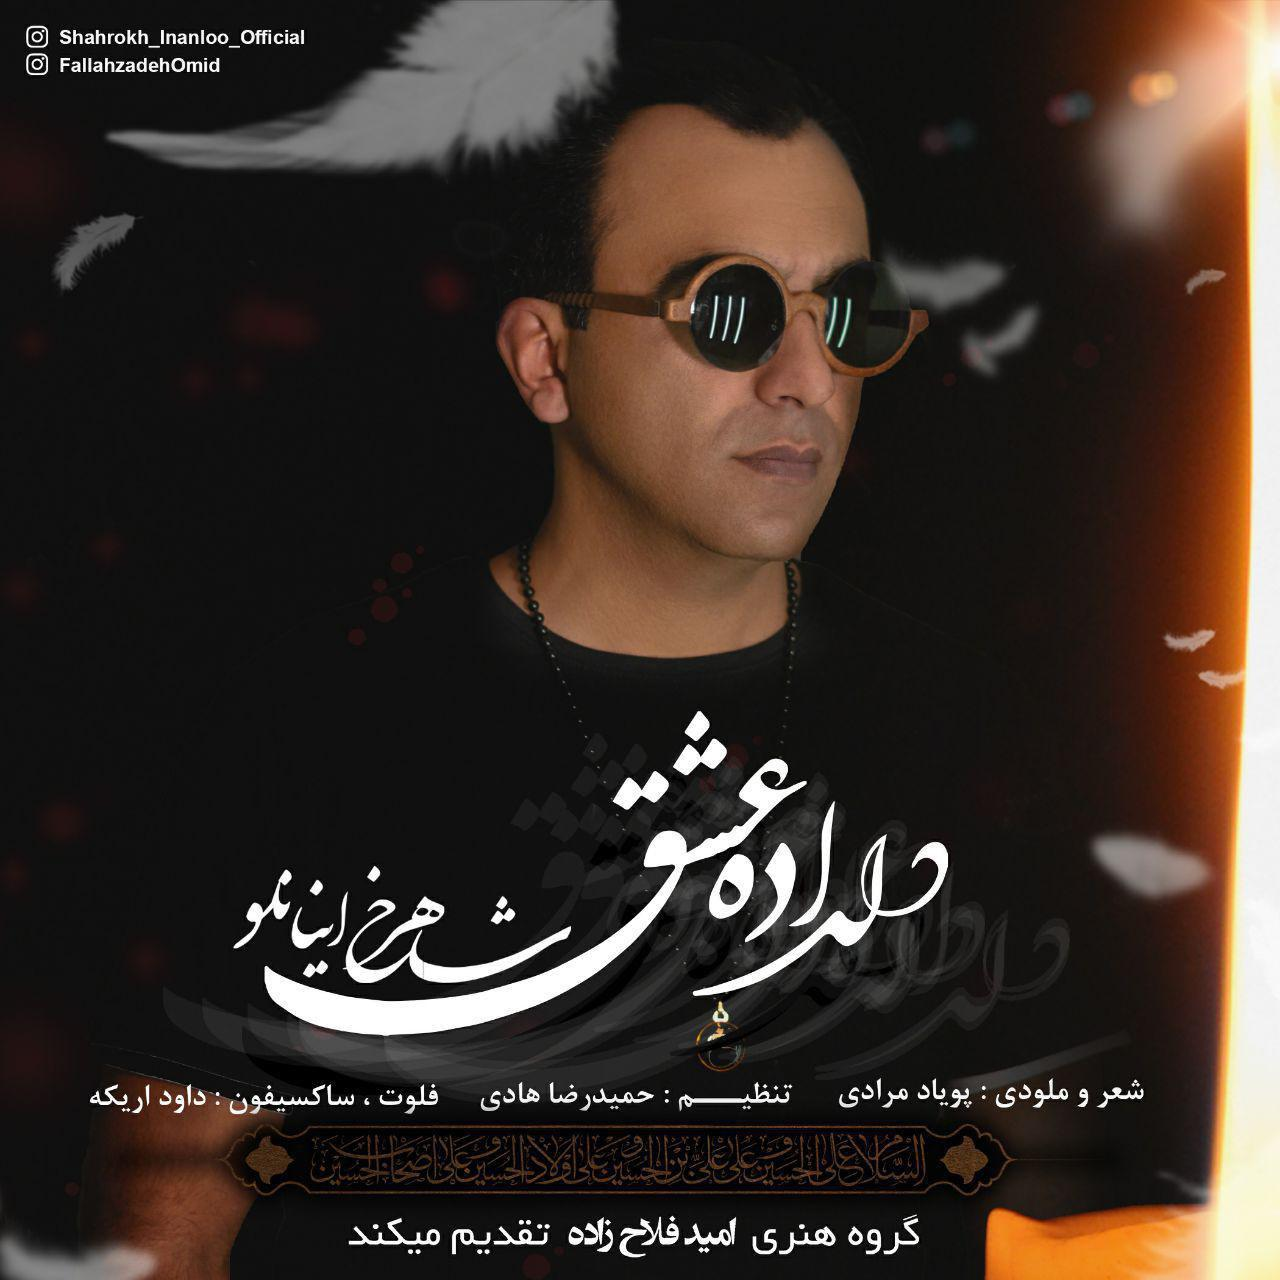 Shahrokh Inanloo – Deldadeh Eshgh